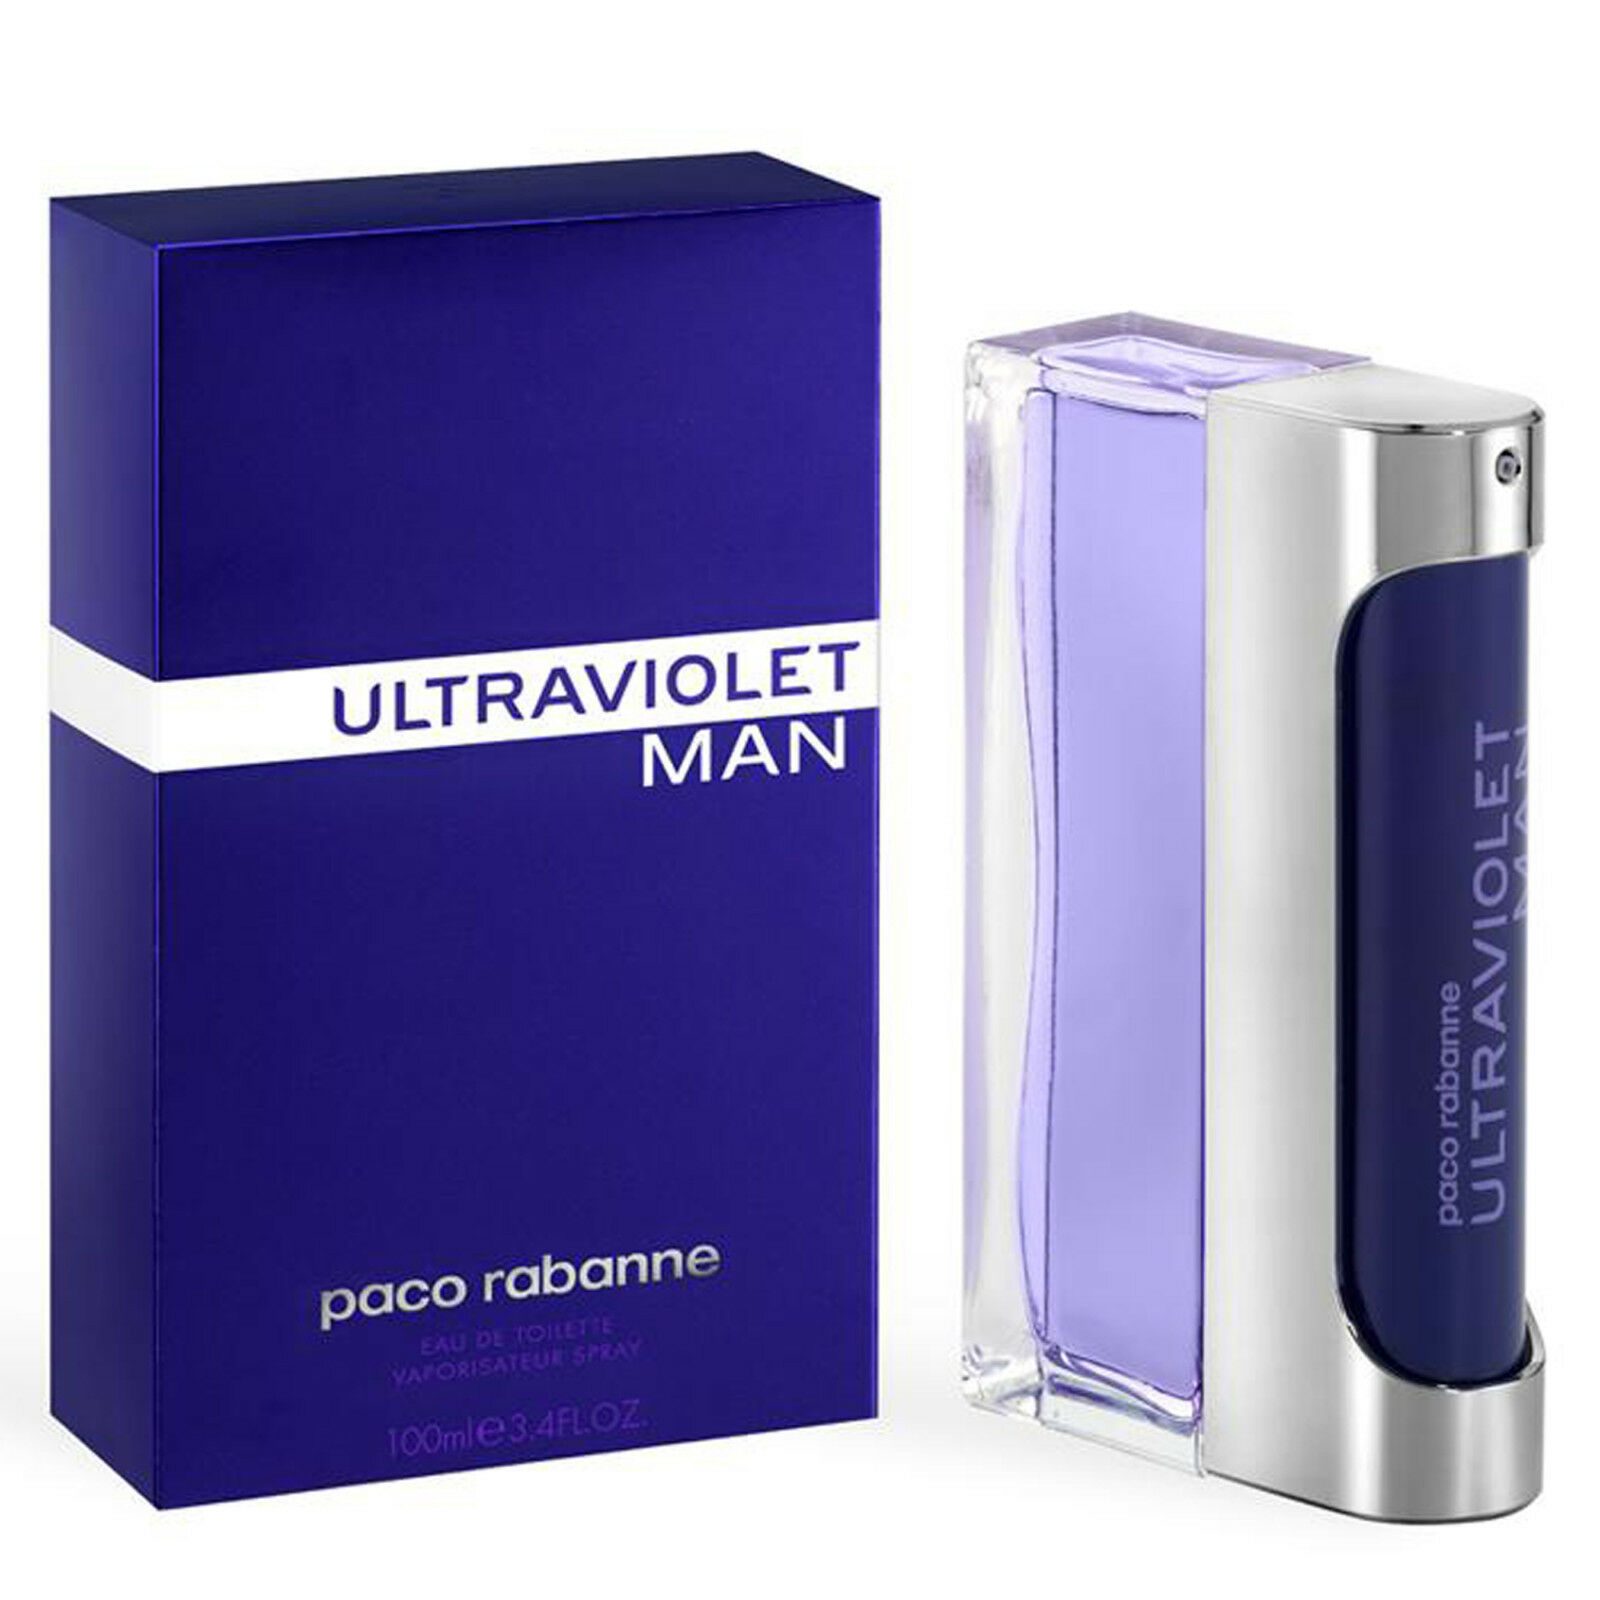 Detalles de ULTRAVIOLET MAN de PACO RABANNE Colonia Perfume EDT 100 mL for Him